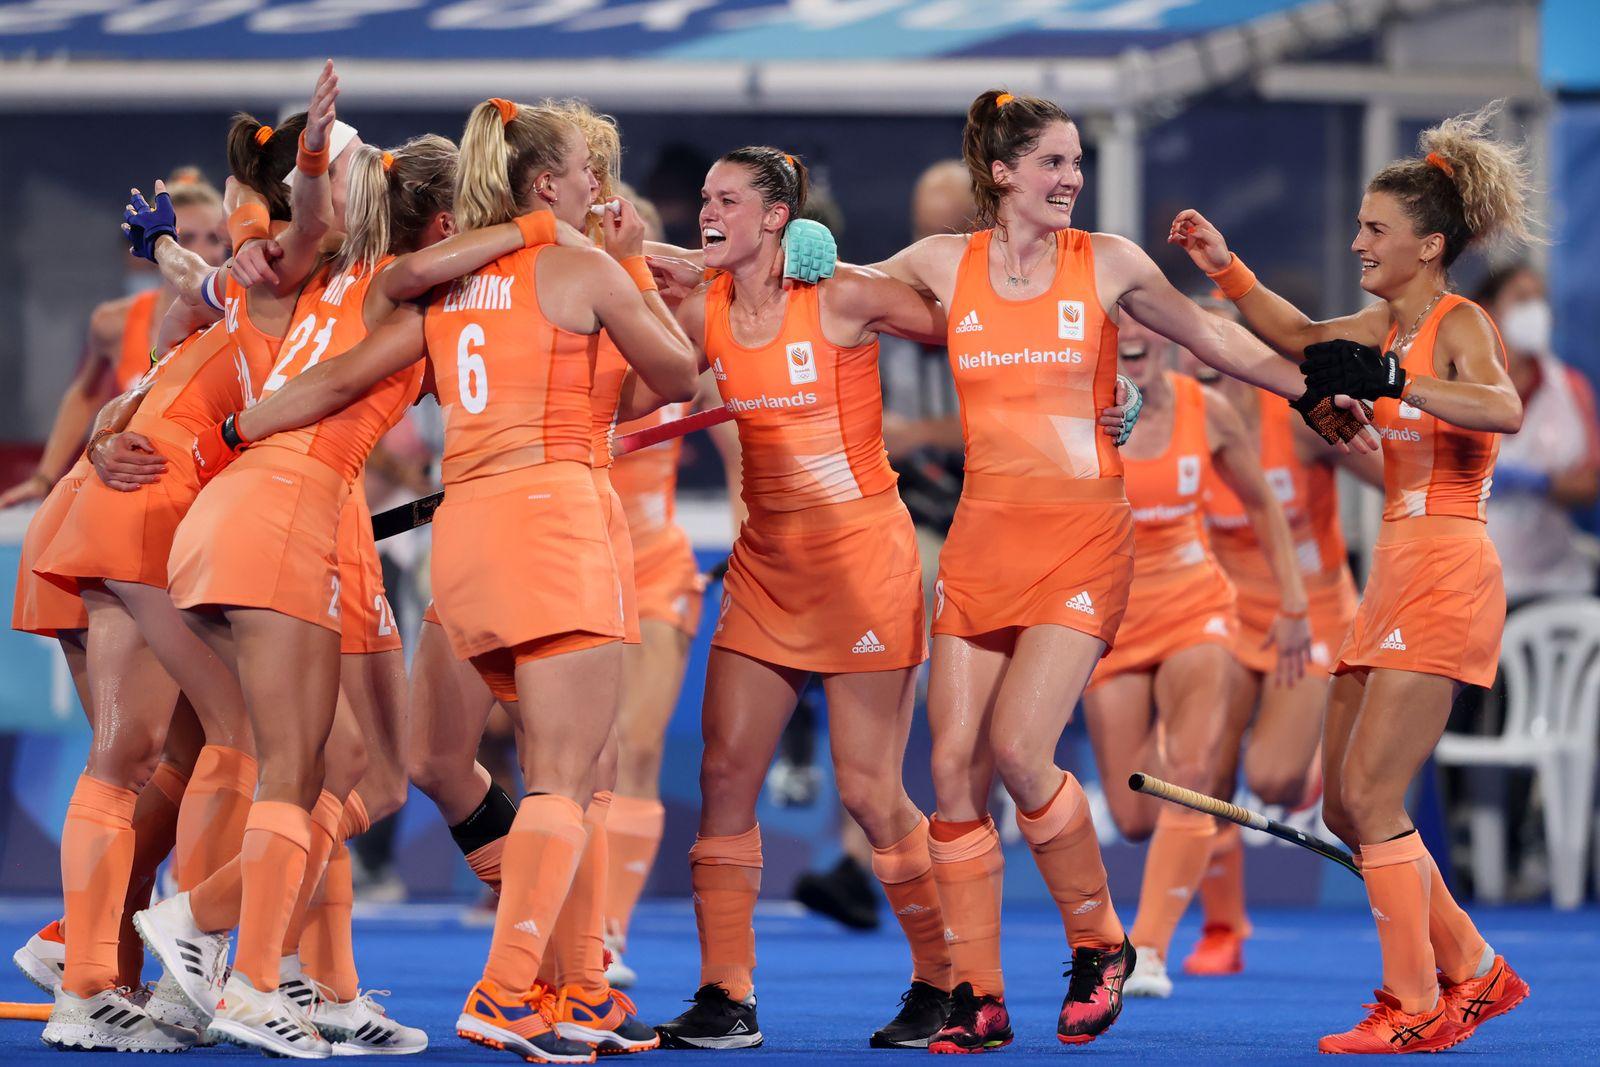 Netherlands v Argentina - Hockey - Olympics: Day 14